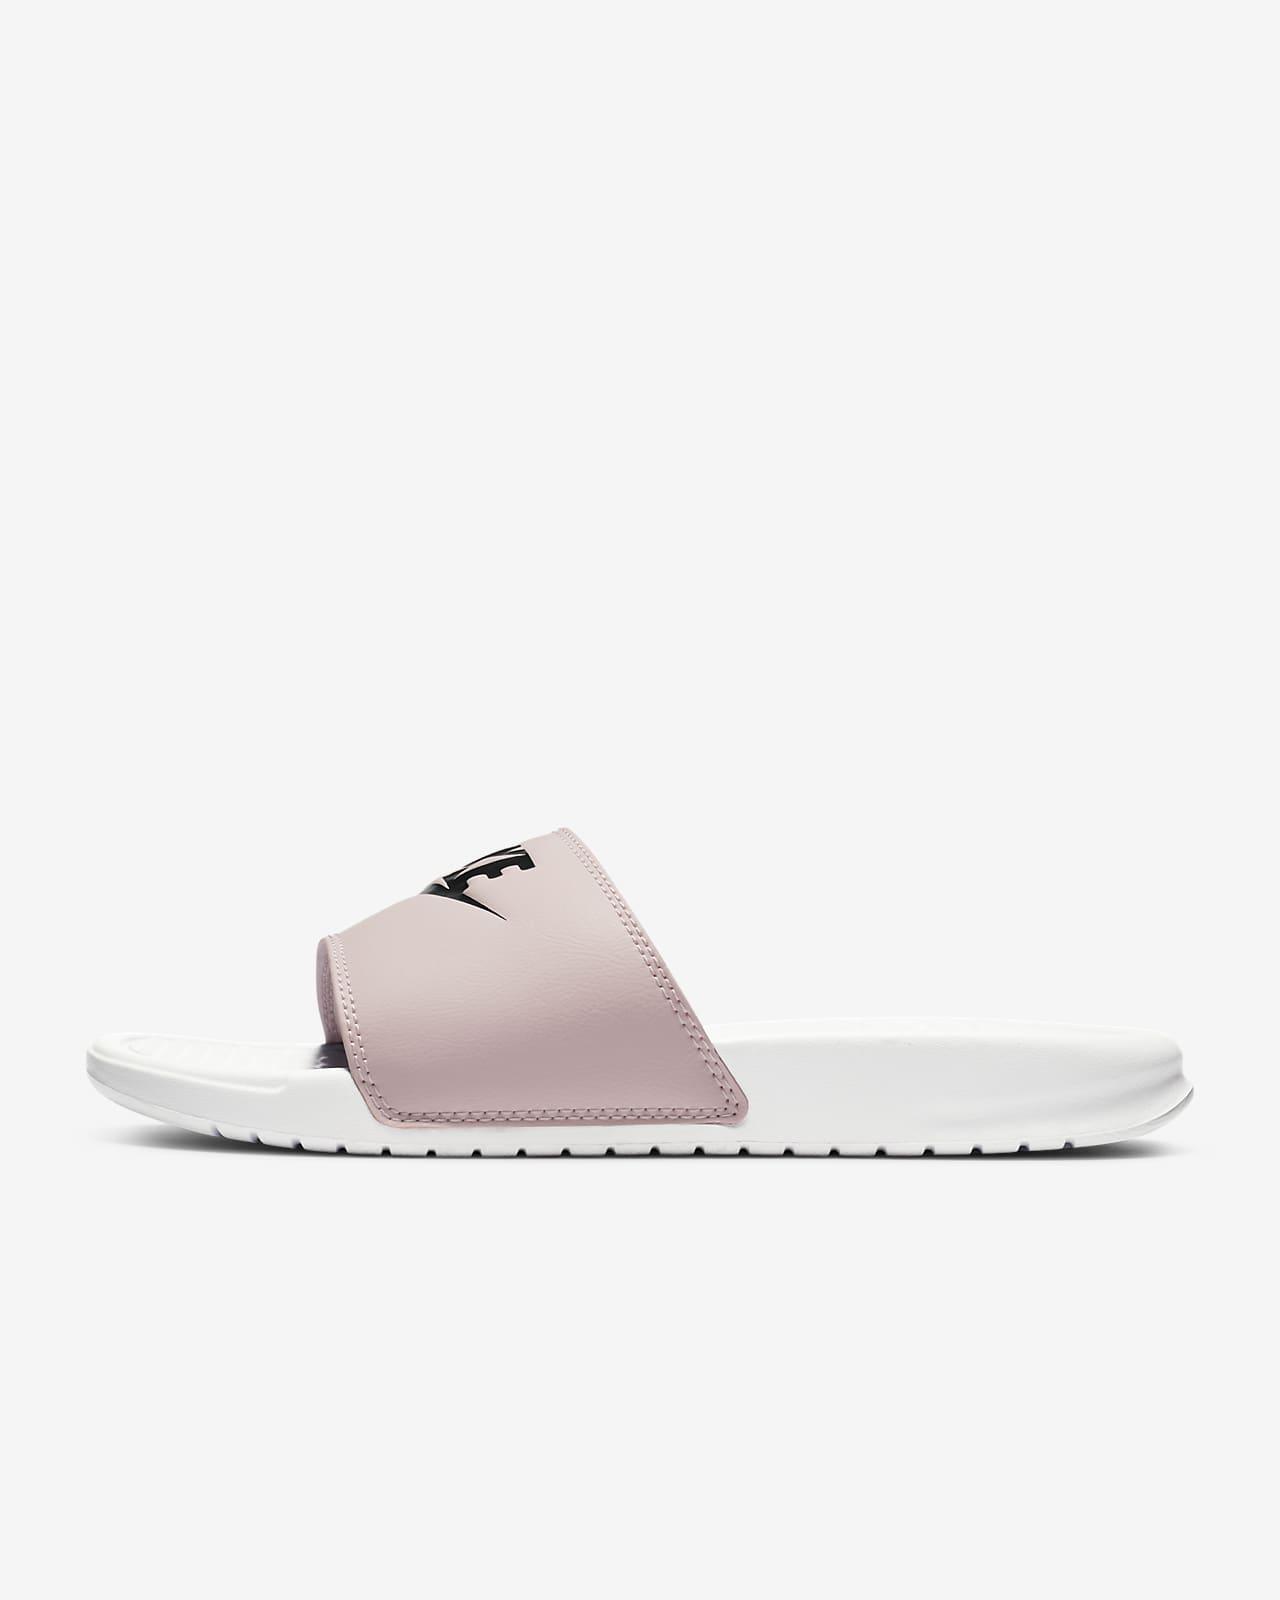 Γυναικείες παντόφλες Nike Benassi JDI